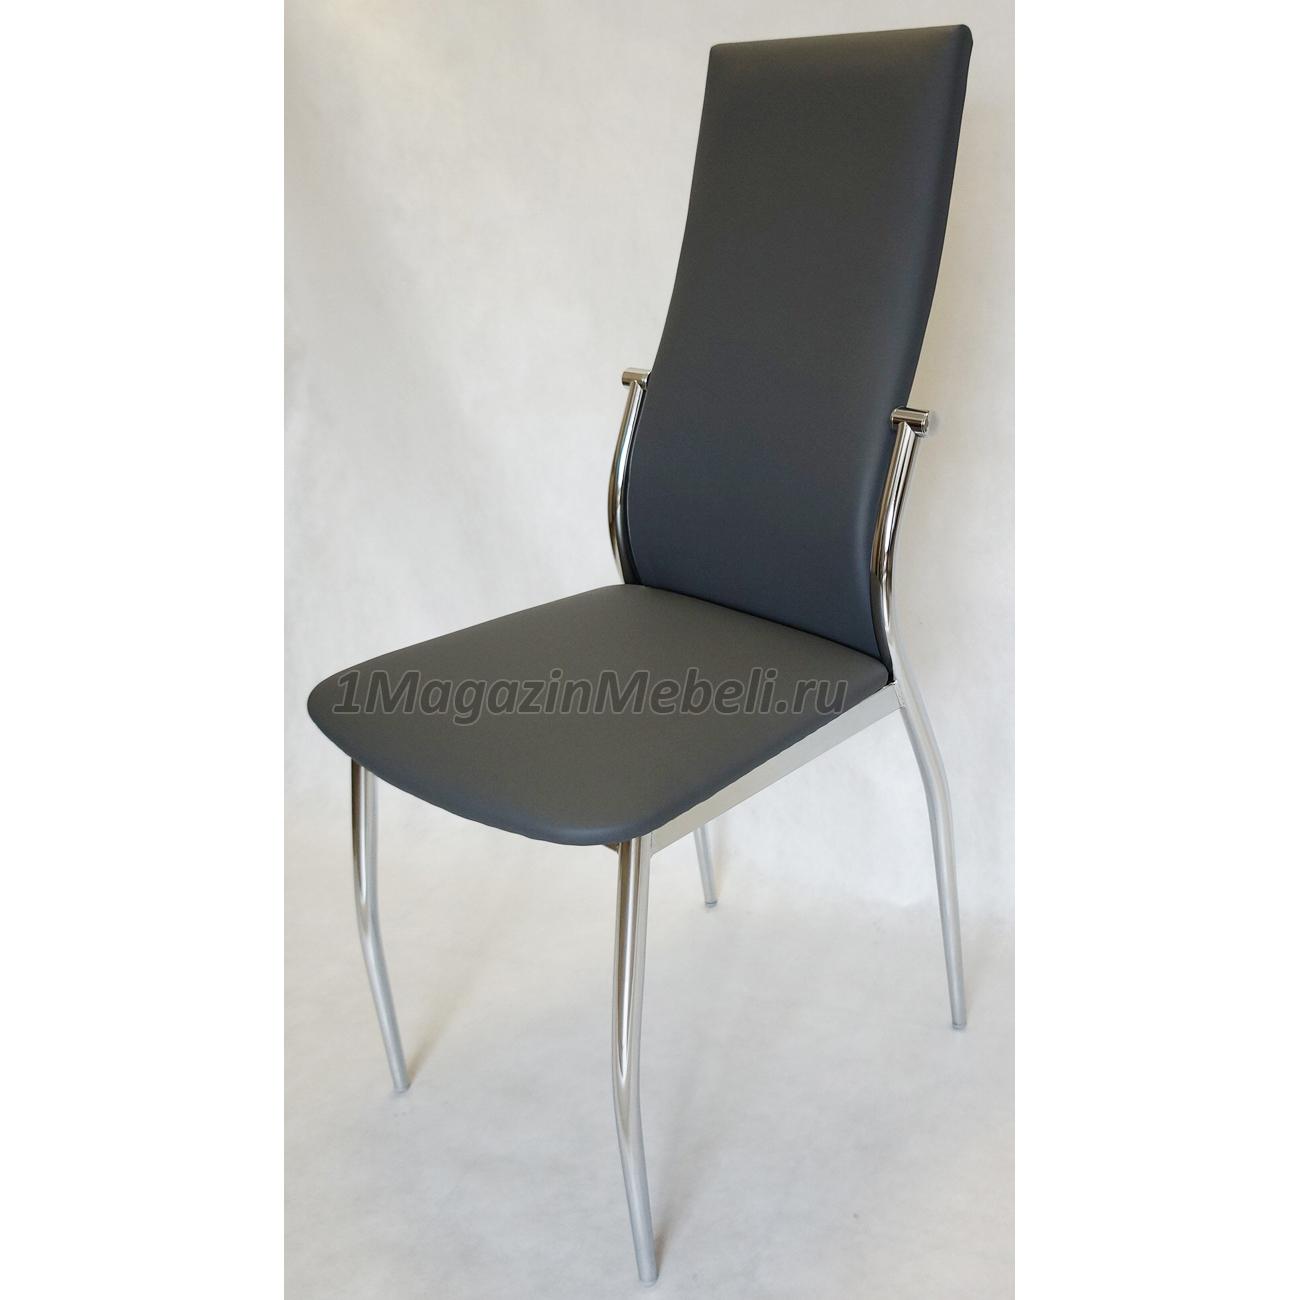 Стул для кухни цвет серый, с мягкой спинкой, хром Комфорт (арт. М3226)